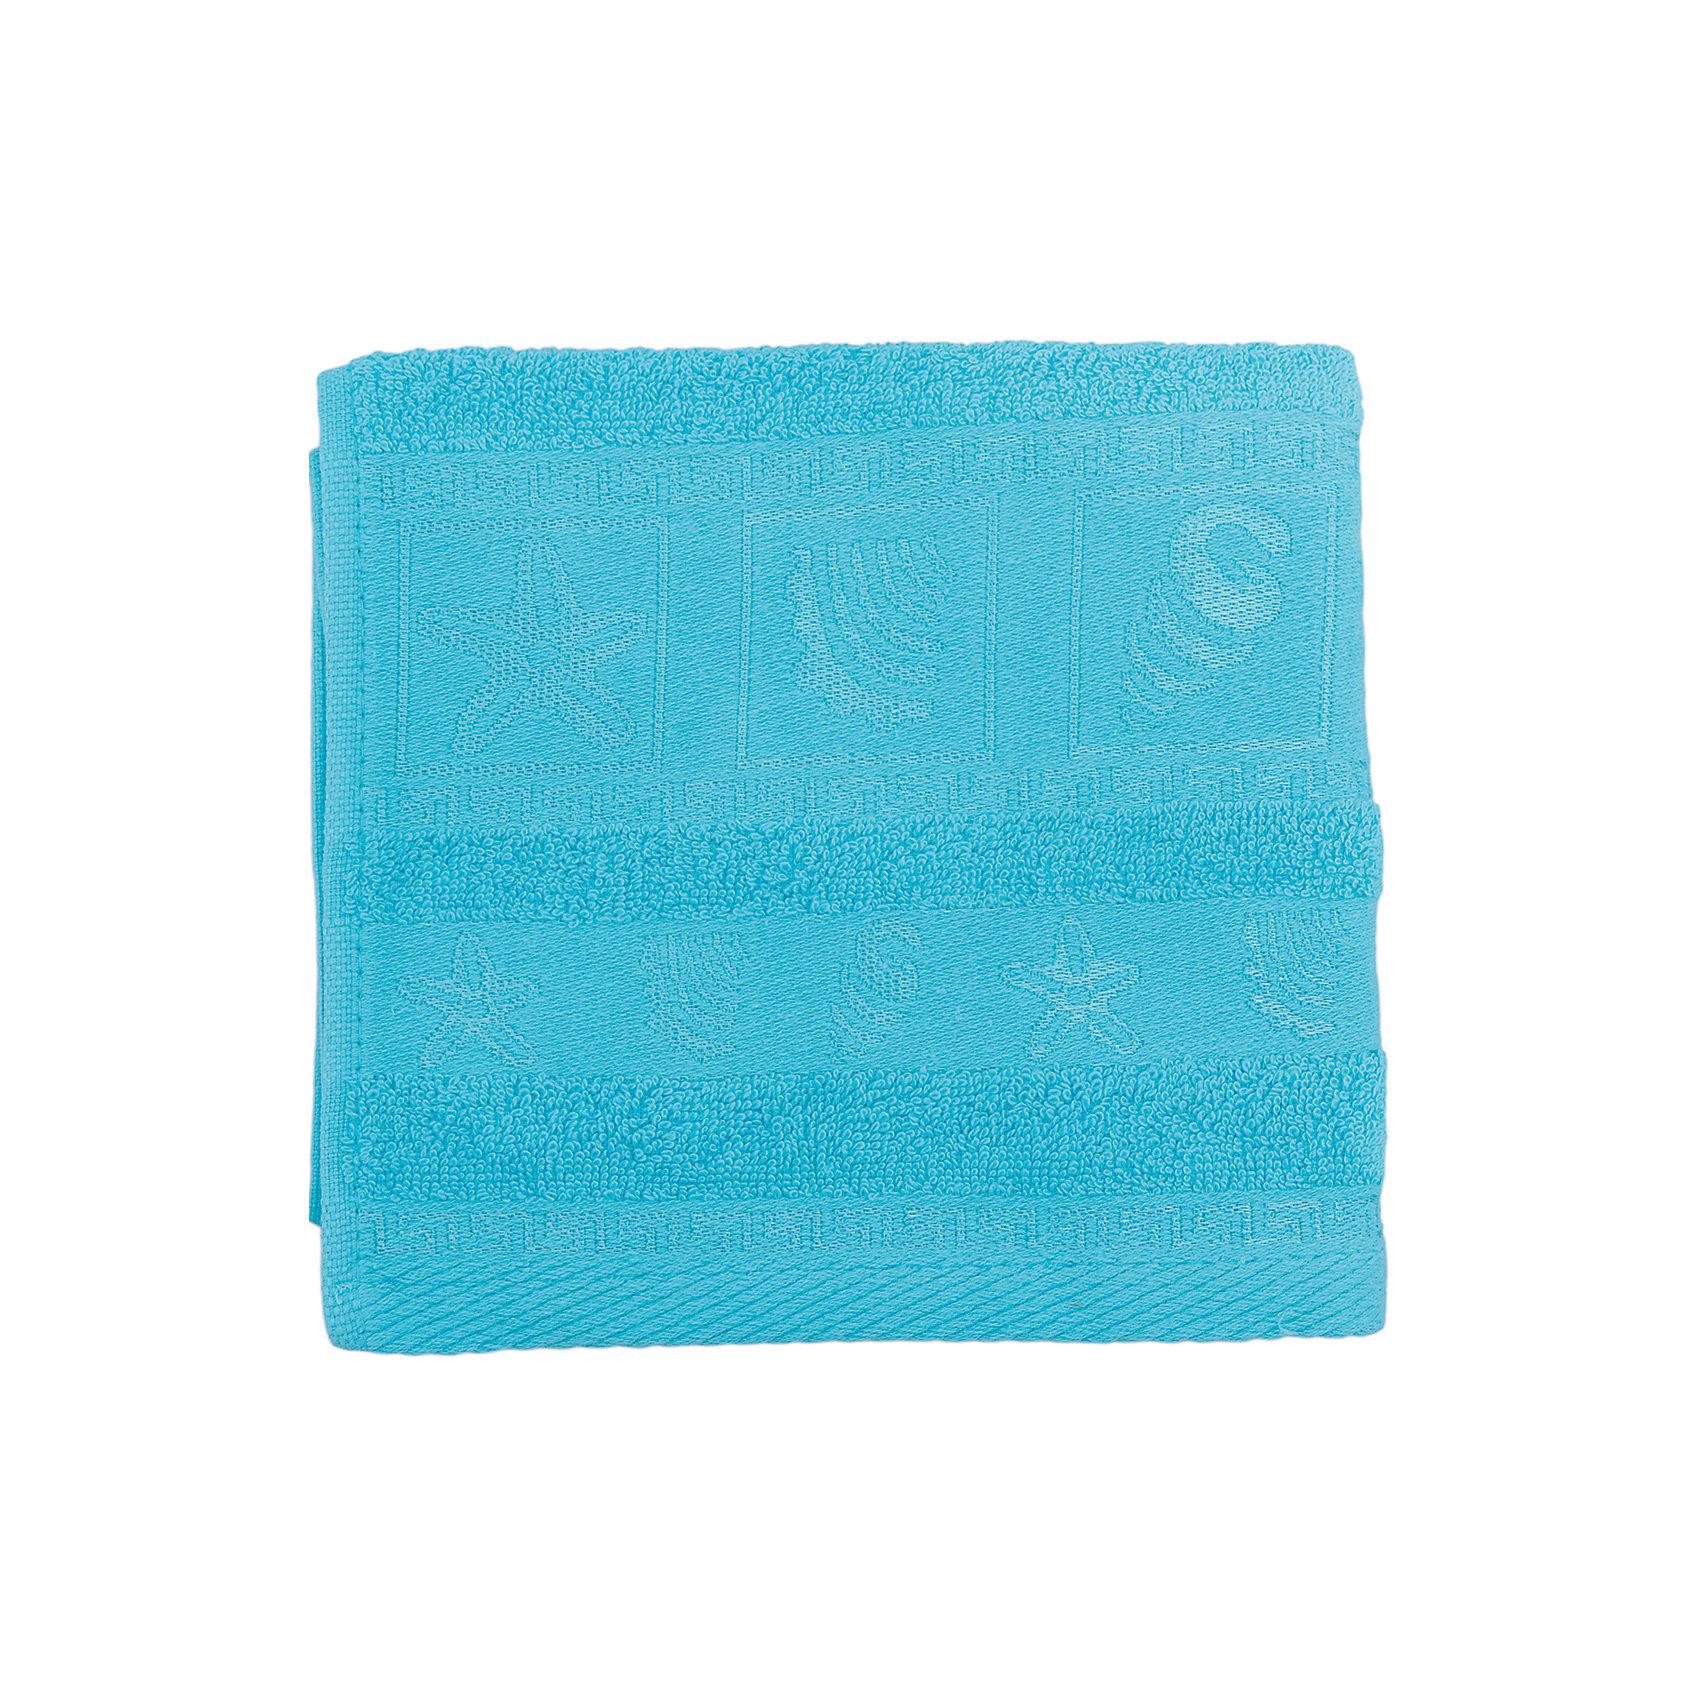 Полотенце махровое Shell 40*75 Португалия, бирюзовыйМахровое полотенце Shell идеально подходит для вашей ванной комнаты. Оно хорошо впитывает влагу и обладает высокой прочностью. Полотенце выполнено из качественного хлопка с применением стойких безопасных красителей. Край полотенца украшен вышивкой на морскую тематику.<br><br>Дополнительная информация:<br>Размер: 40х75 см<br>Материал: 100% хлопок<br>Плотность: 500 г/м2<br>Цвет: бирюзовый<br>Торговая марка: Португалия<br><br>Махровое полотенце Shell вы можете купить а нашем интернет-магазине.<br><br>Ширина мм: 500<br>Глубина мм: 500<br>Высота мм: 200<br>Вес г: 100<br>Возраст от месяцев: 0<br>Возраст до месяцев: 144<br>Пол: Унисекс<br>Возраст: Детский<br>SKU: 5010931